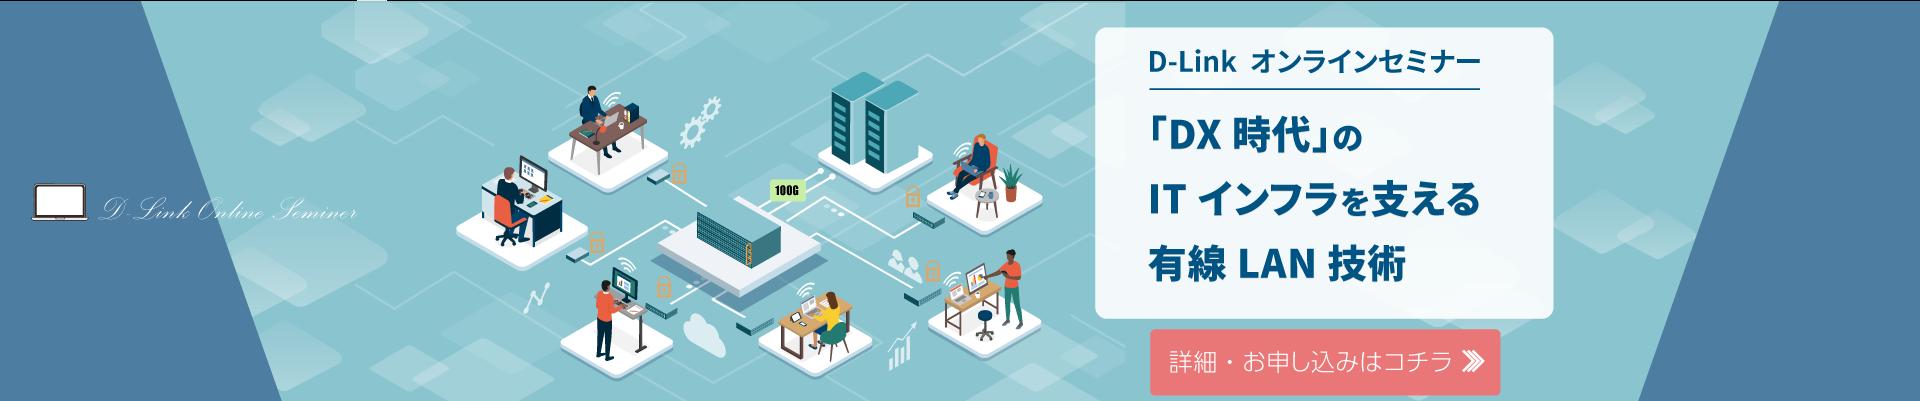 「DX時代」のITインフラを支える有線LAN技術セミナーのお知らせ